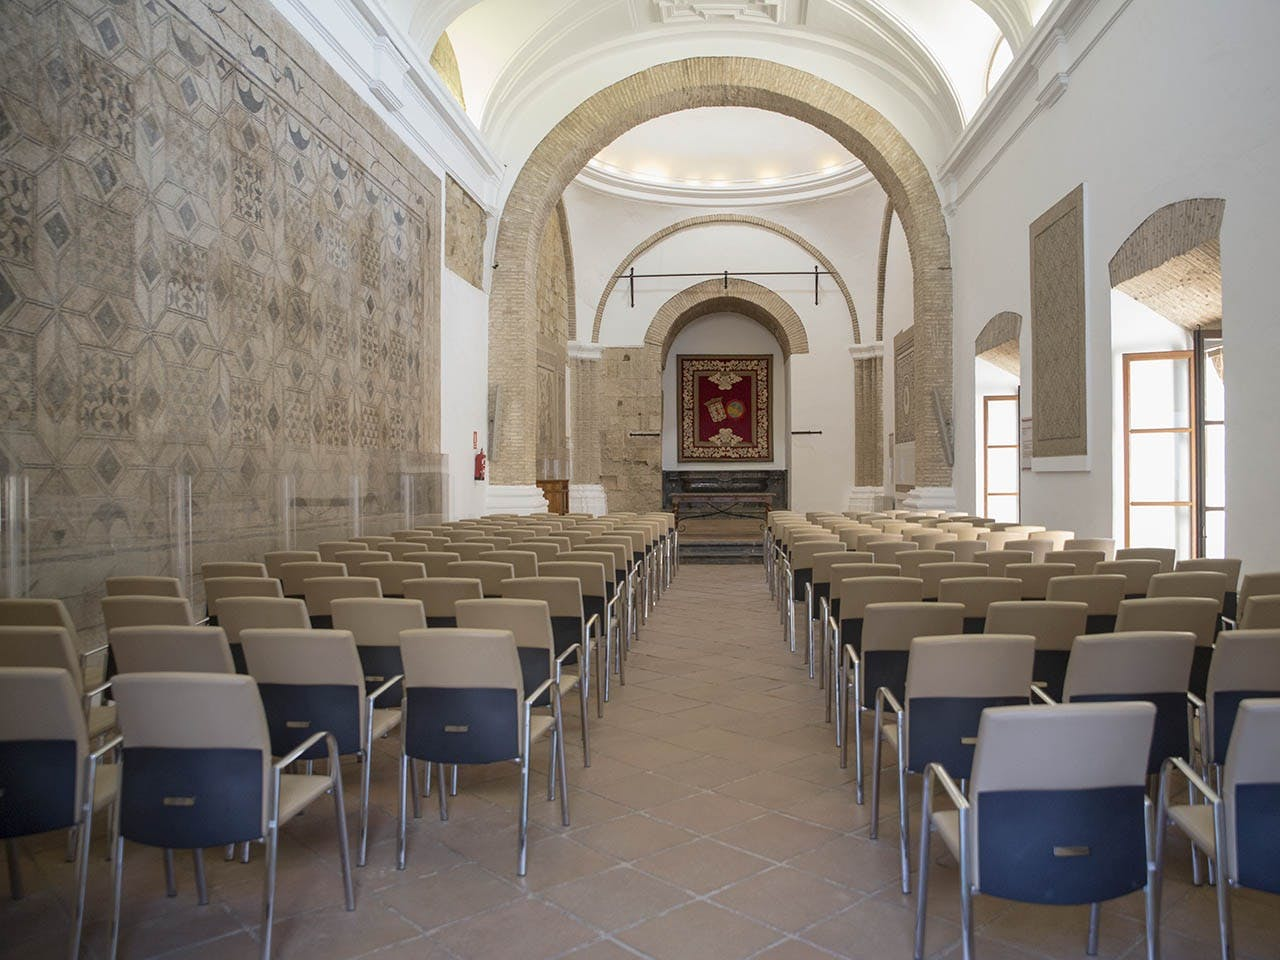 Visita guiada al Alcázar de los Reyes Cristianos de Córdoba-9